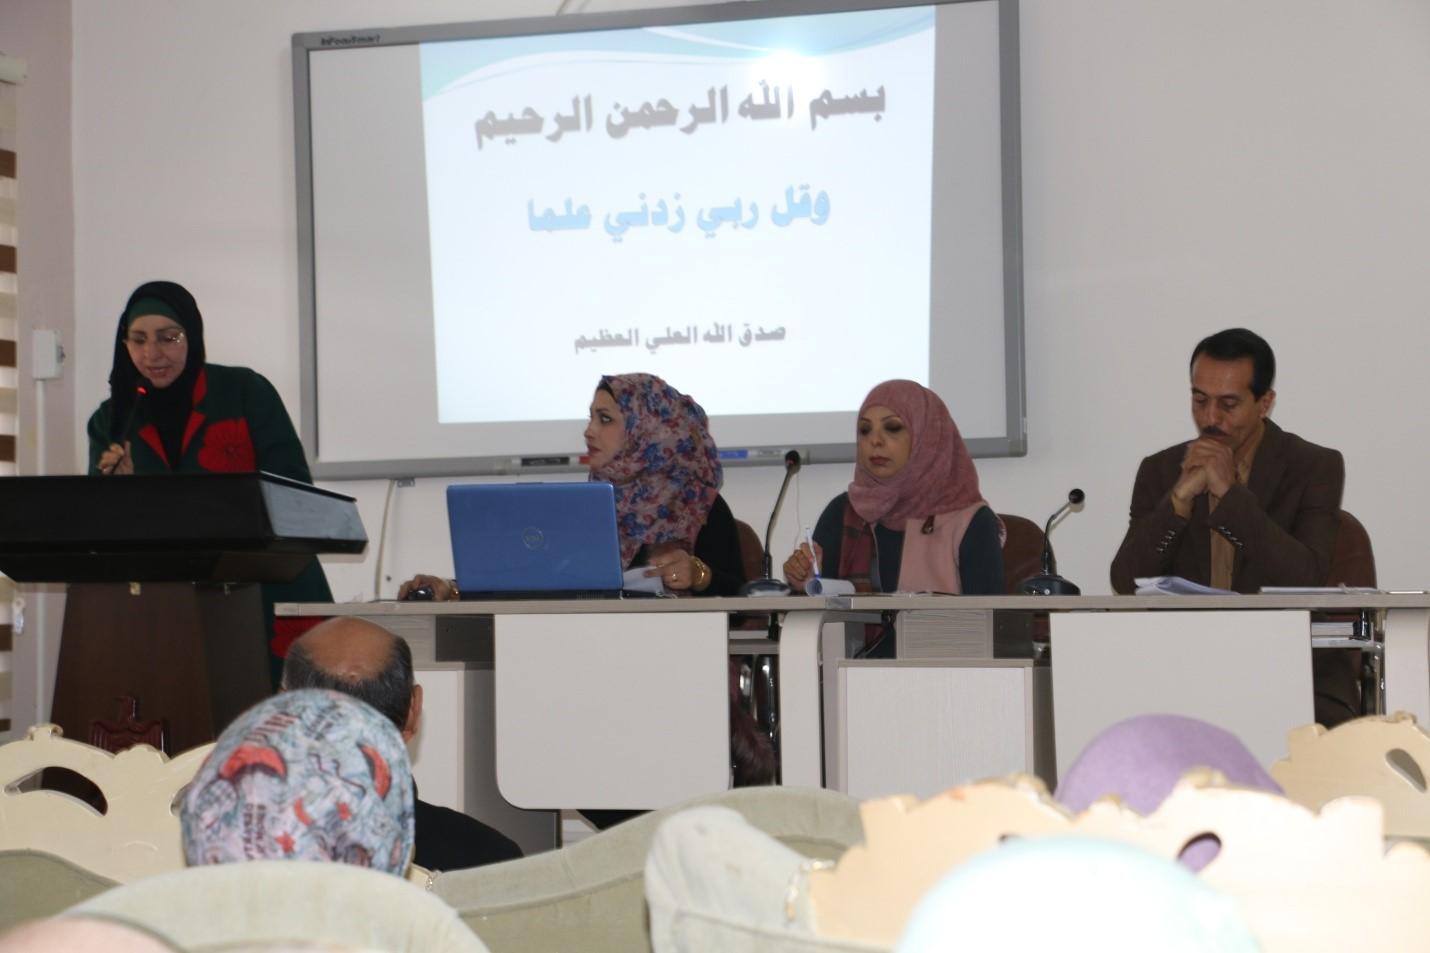 كلية التربية للبنات في جامعة القادسية تعقد مؤتمرها التقويمي المقارن